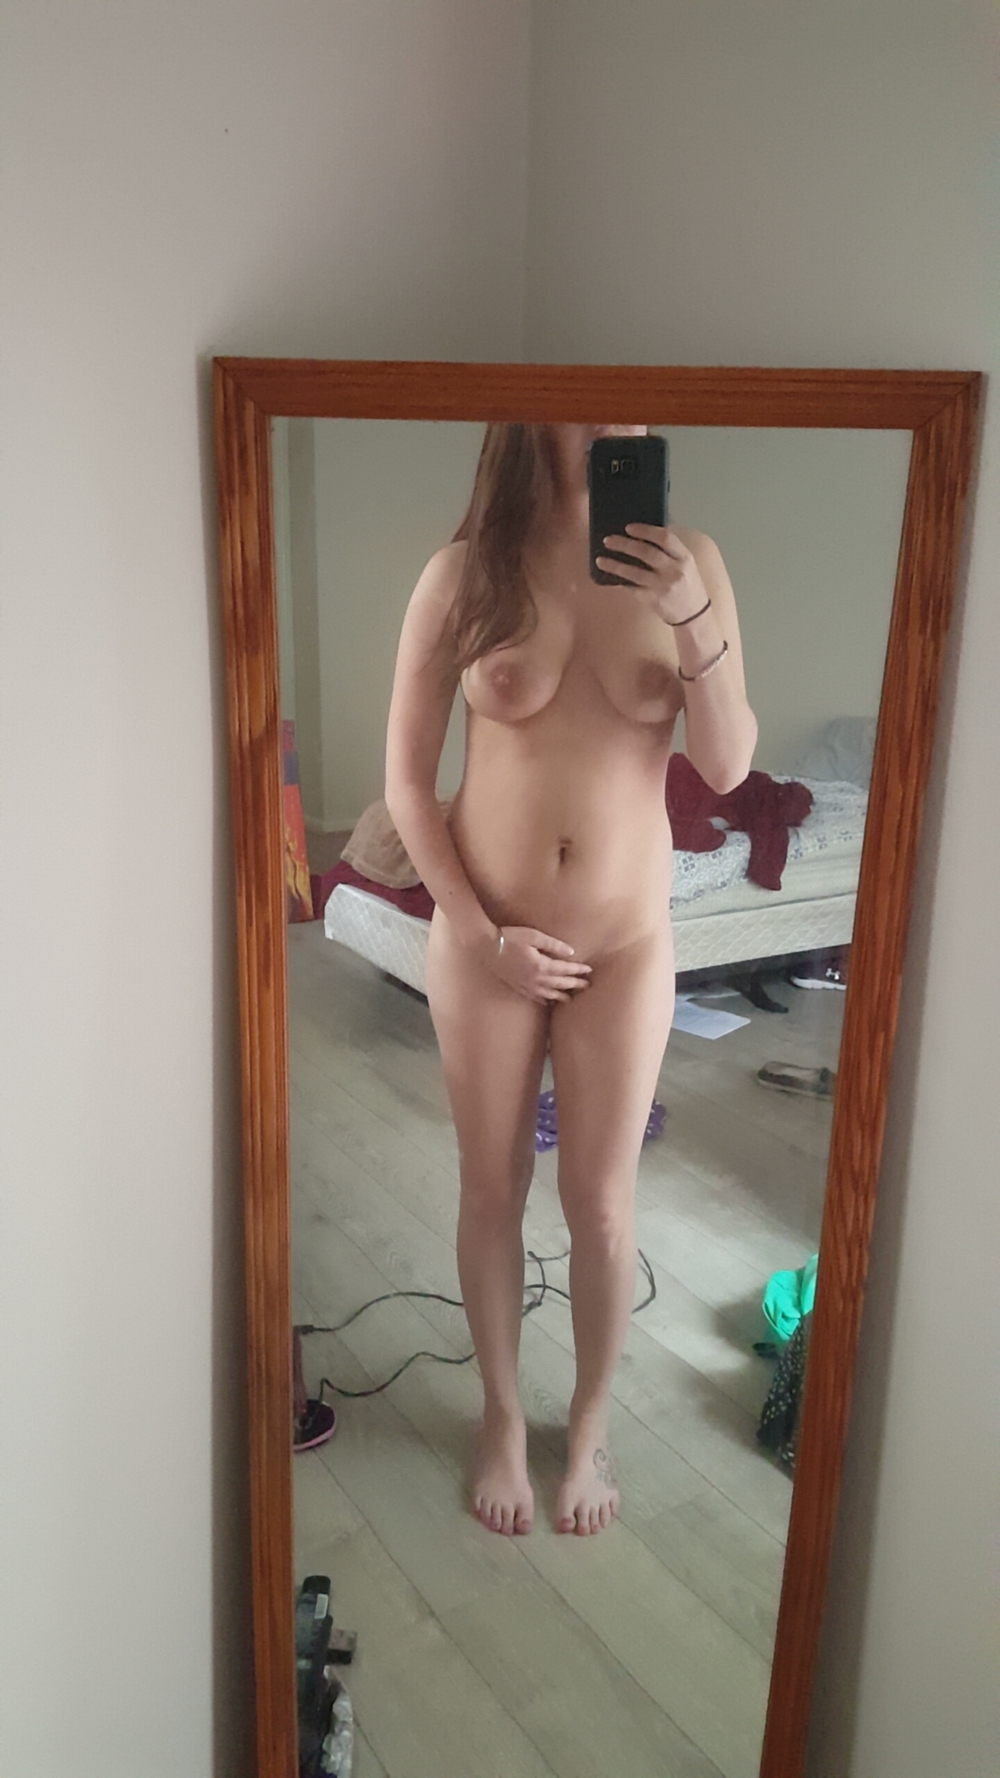 Няшка с пирсингом в языке делает интимные селфи в апартаментах секс фото